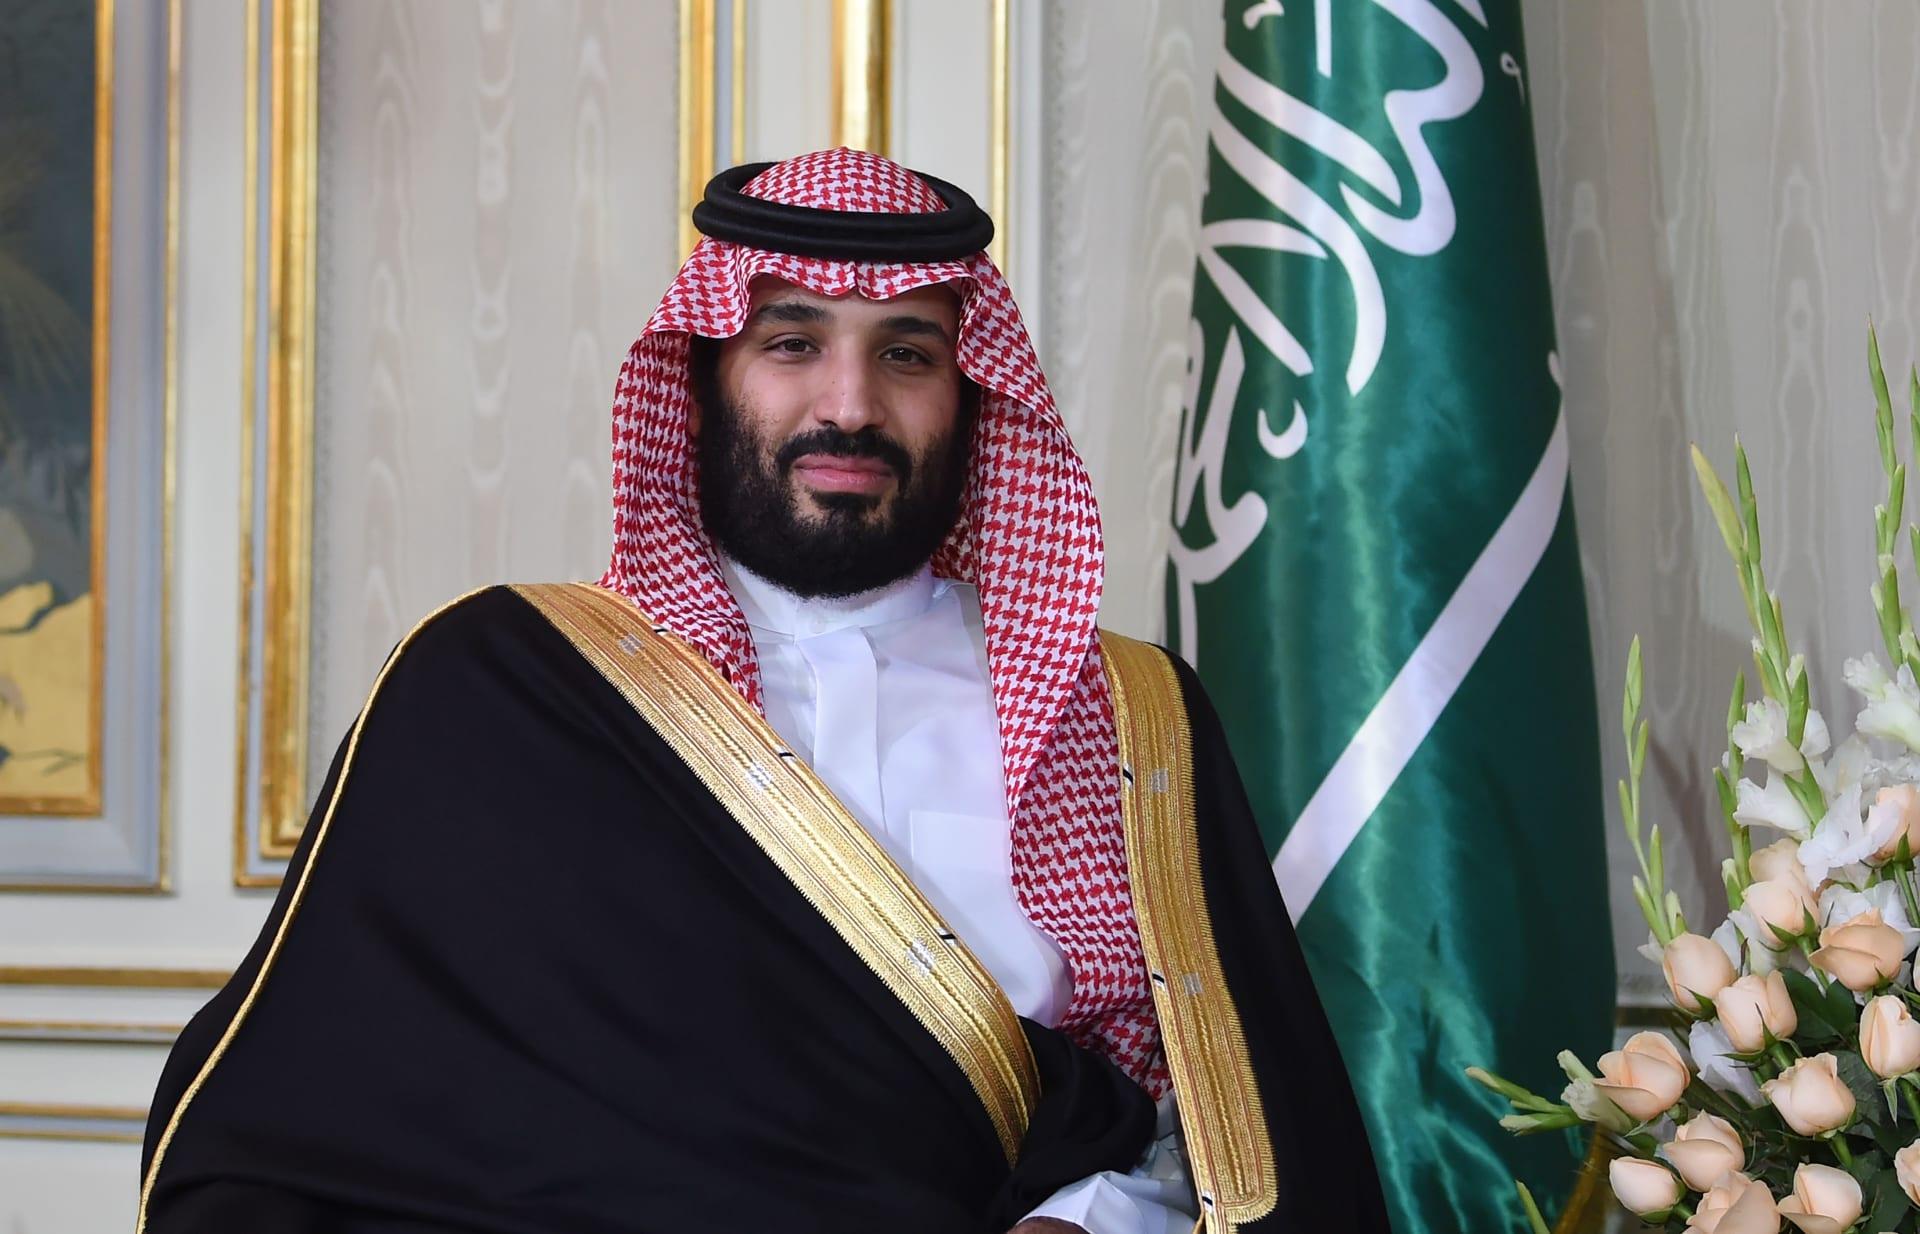 صورة أرشيفية لولي العهد السعودي، الأمير محمد بن سلمان